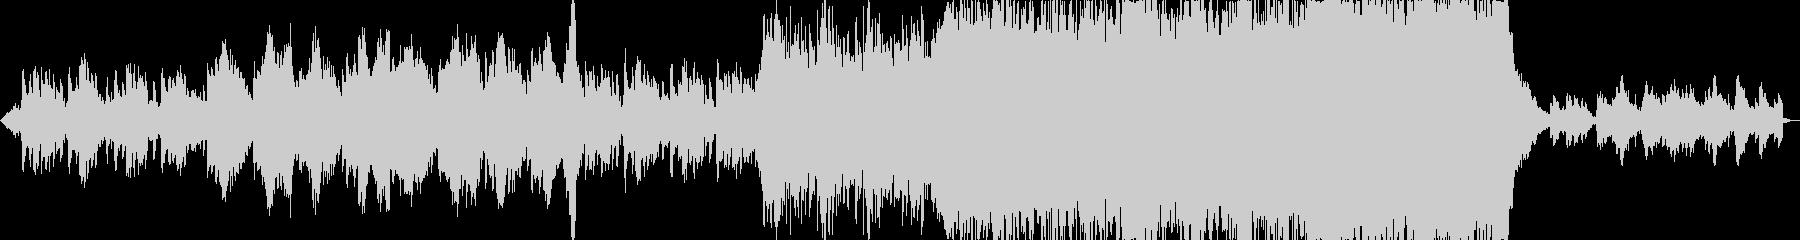 セツナ系ファンタジーオーケストラの未再生の波形